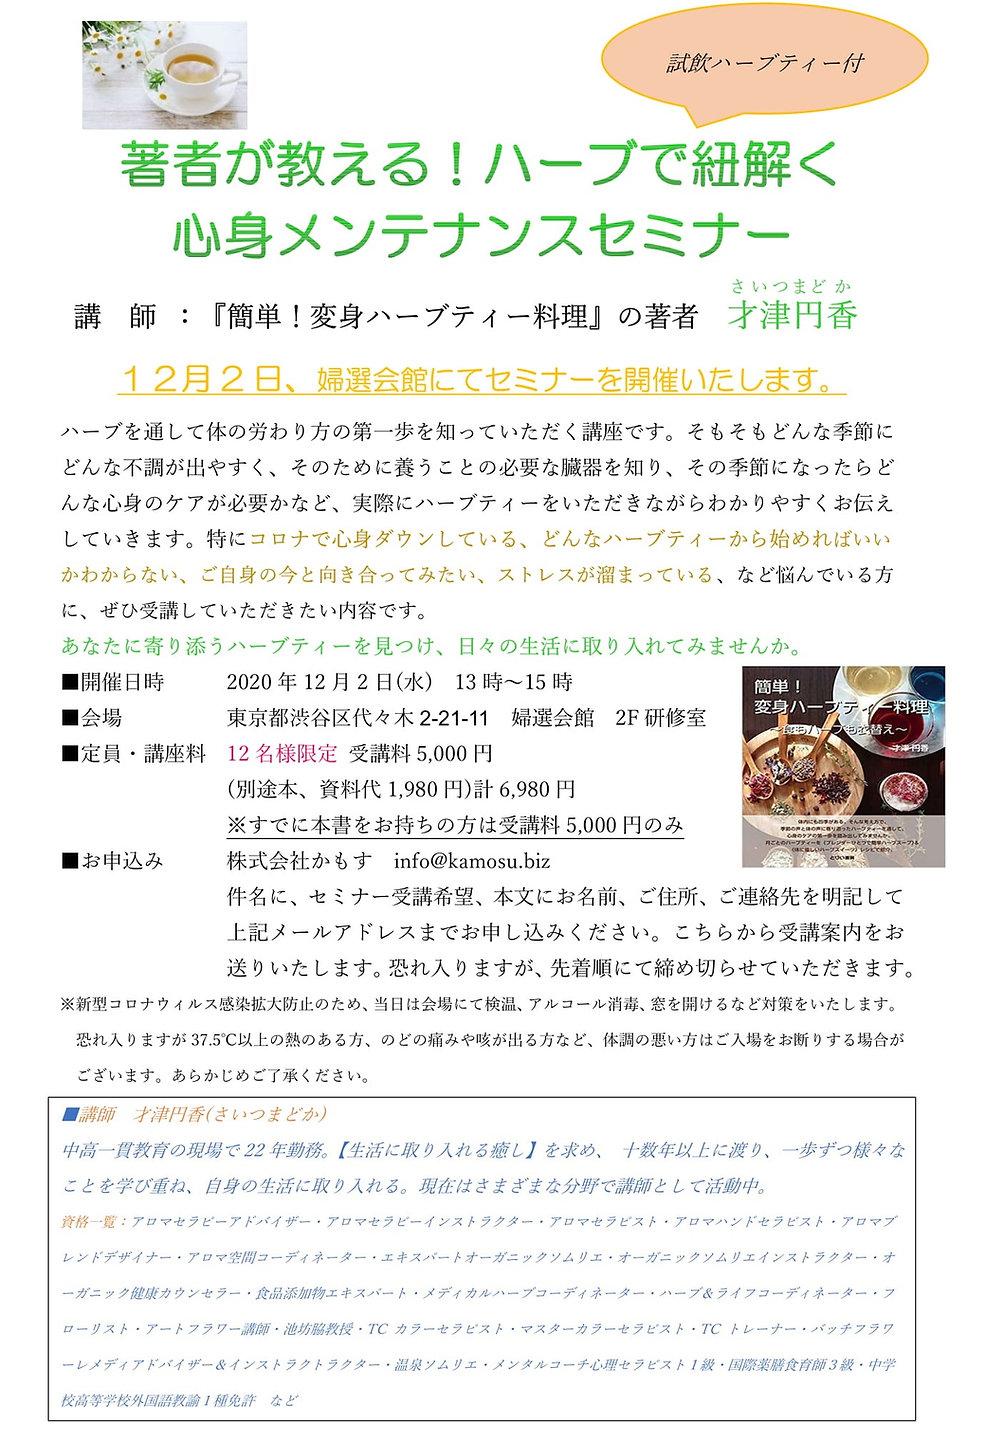 ハーブセミナー最新-1.jpg